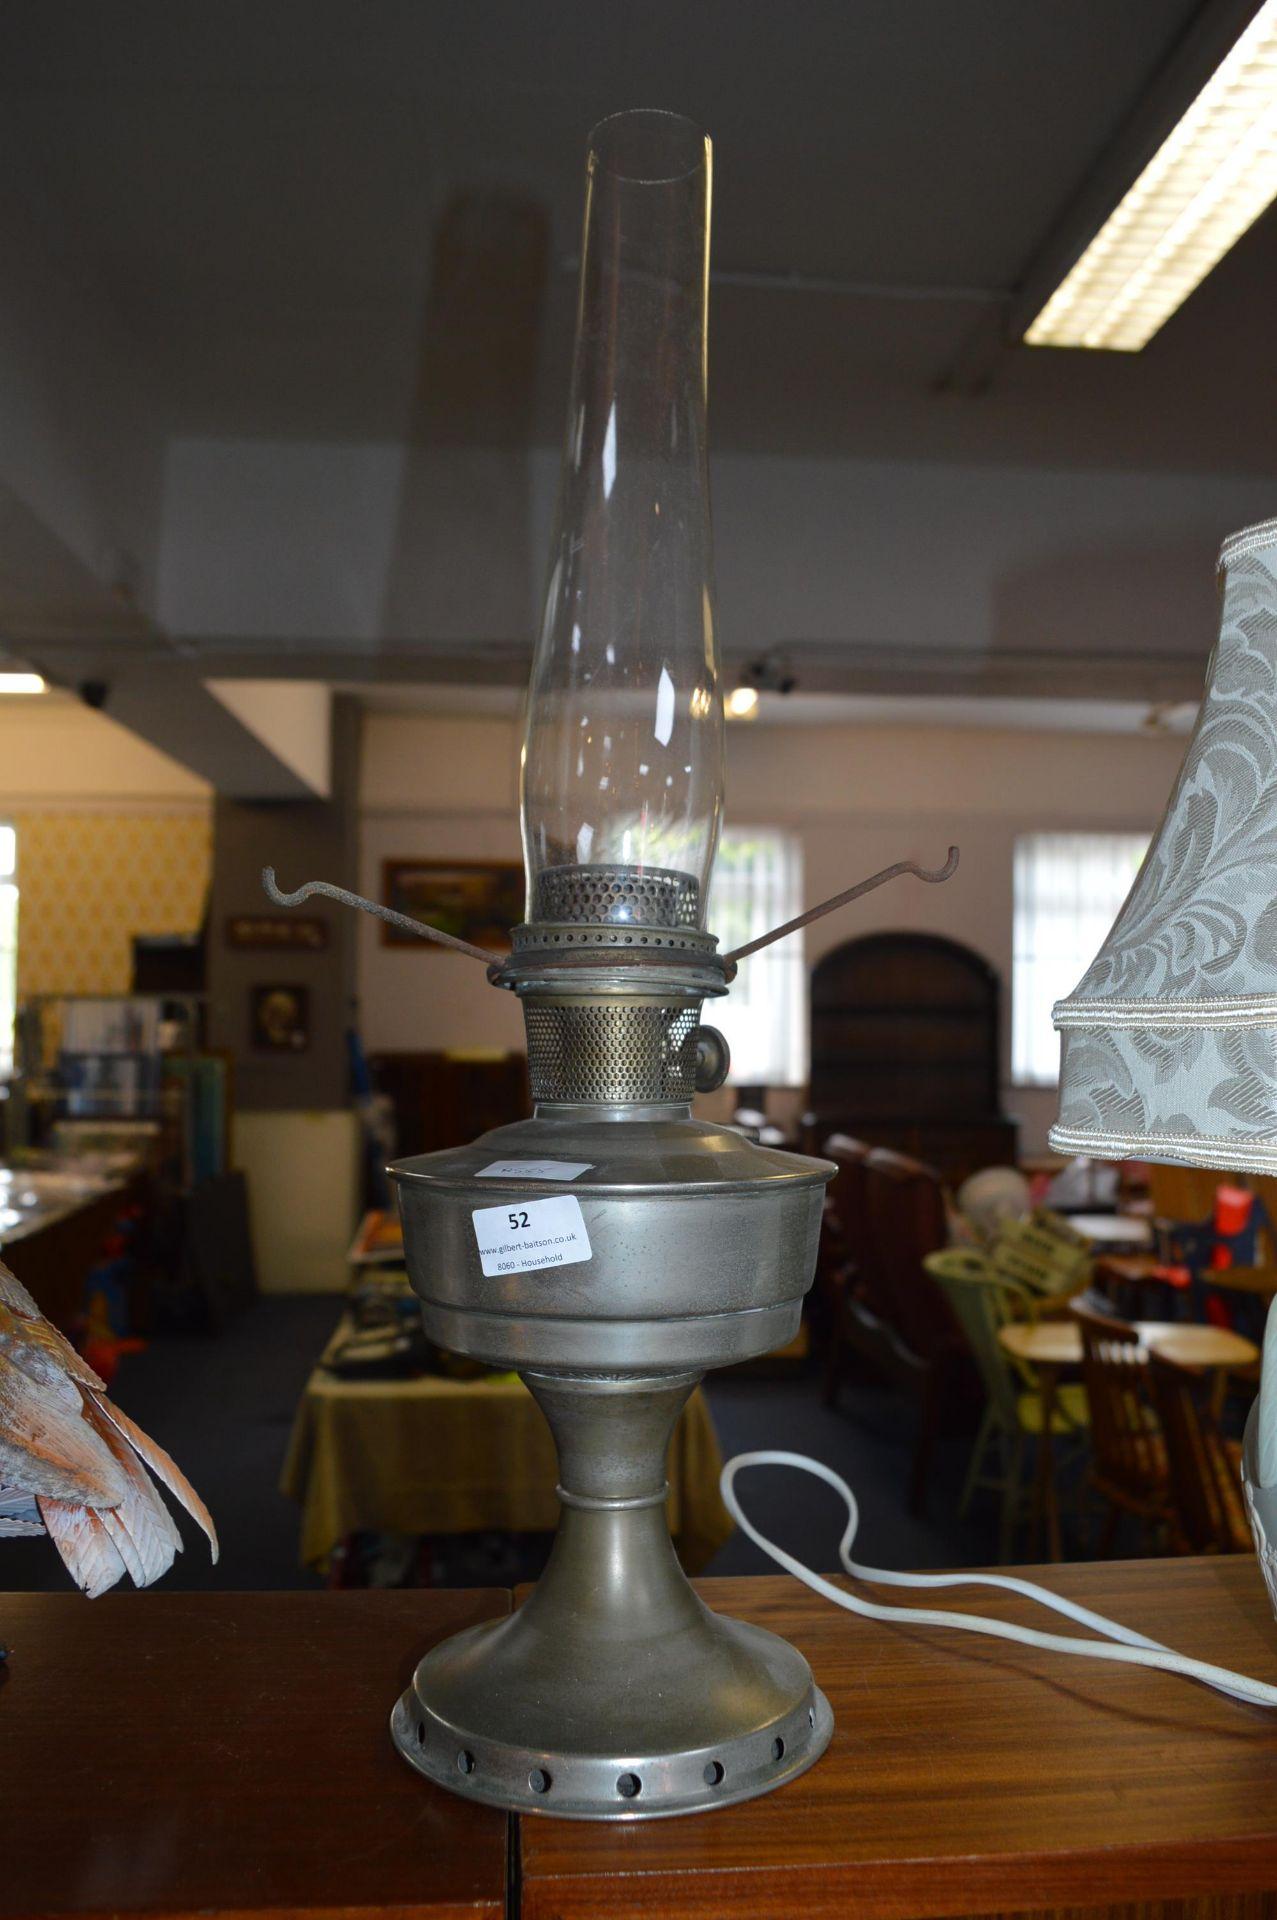 Lot 52 - Oil Lamp